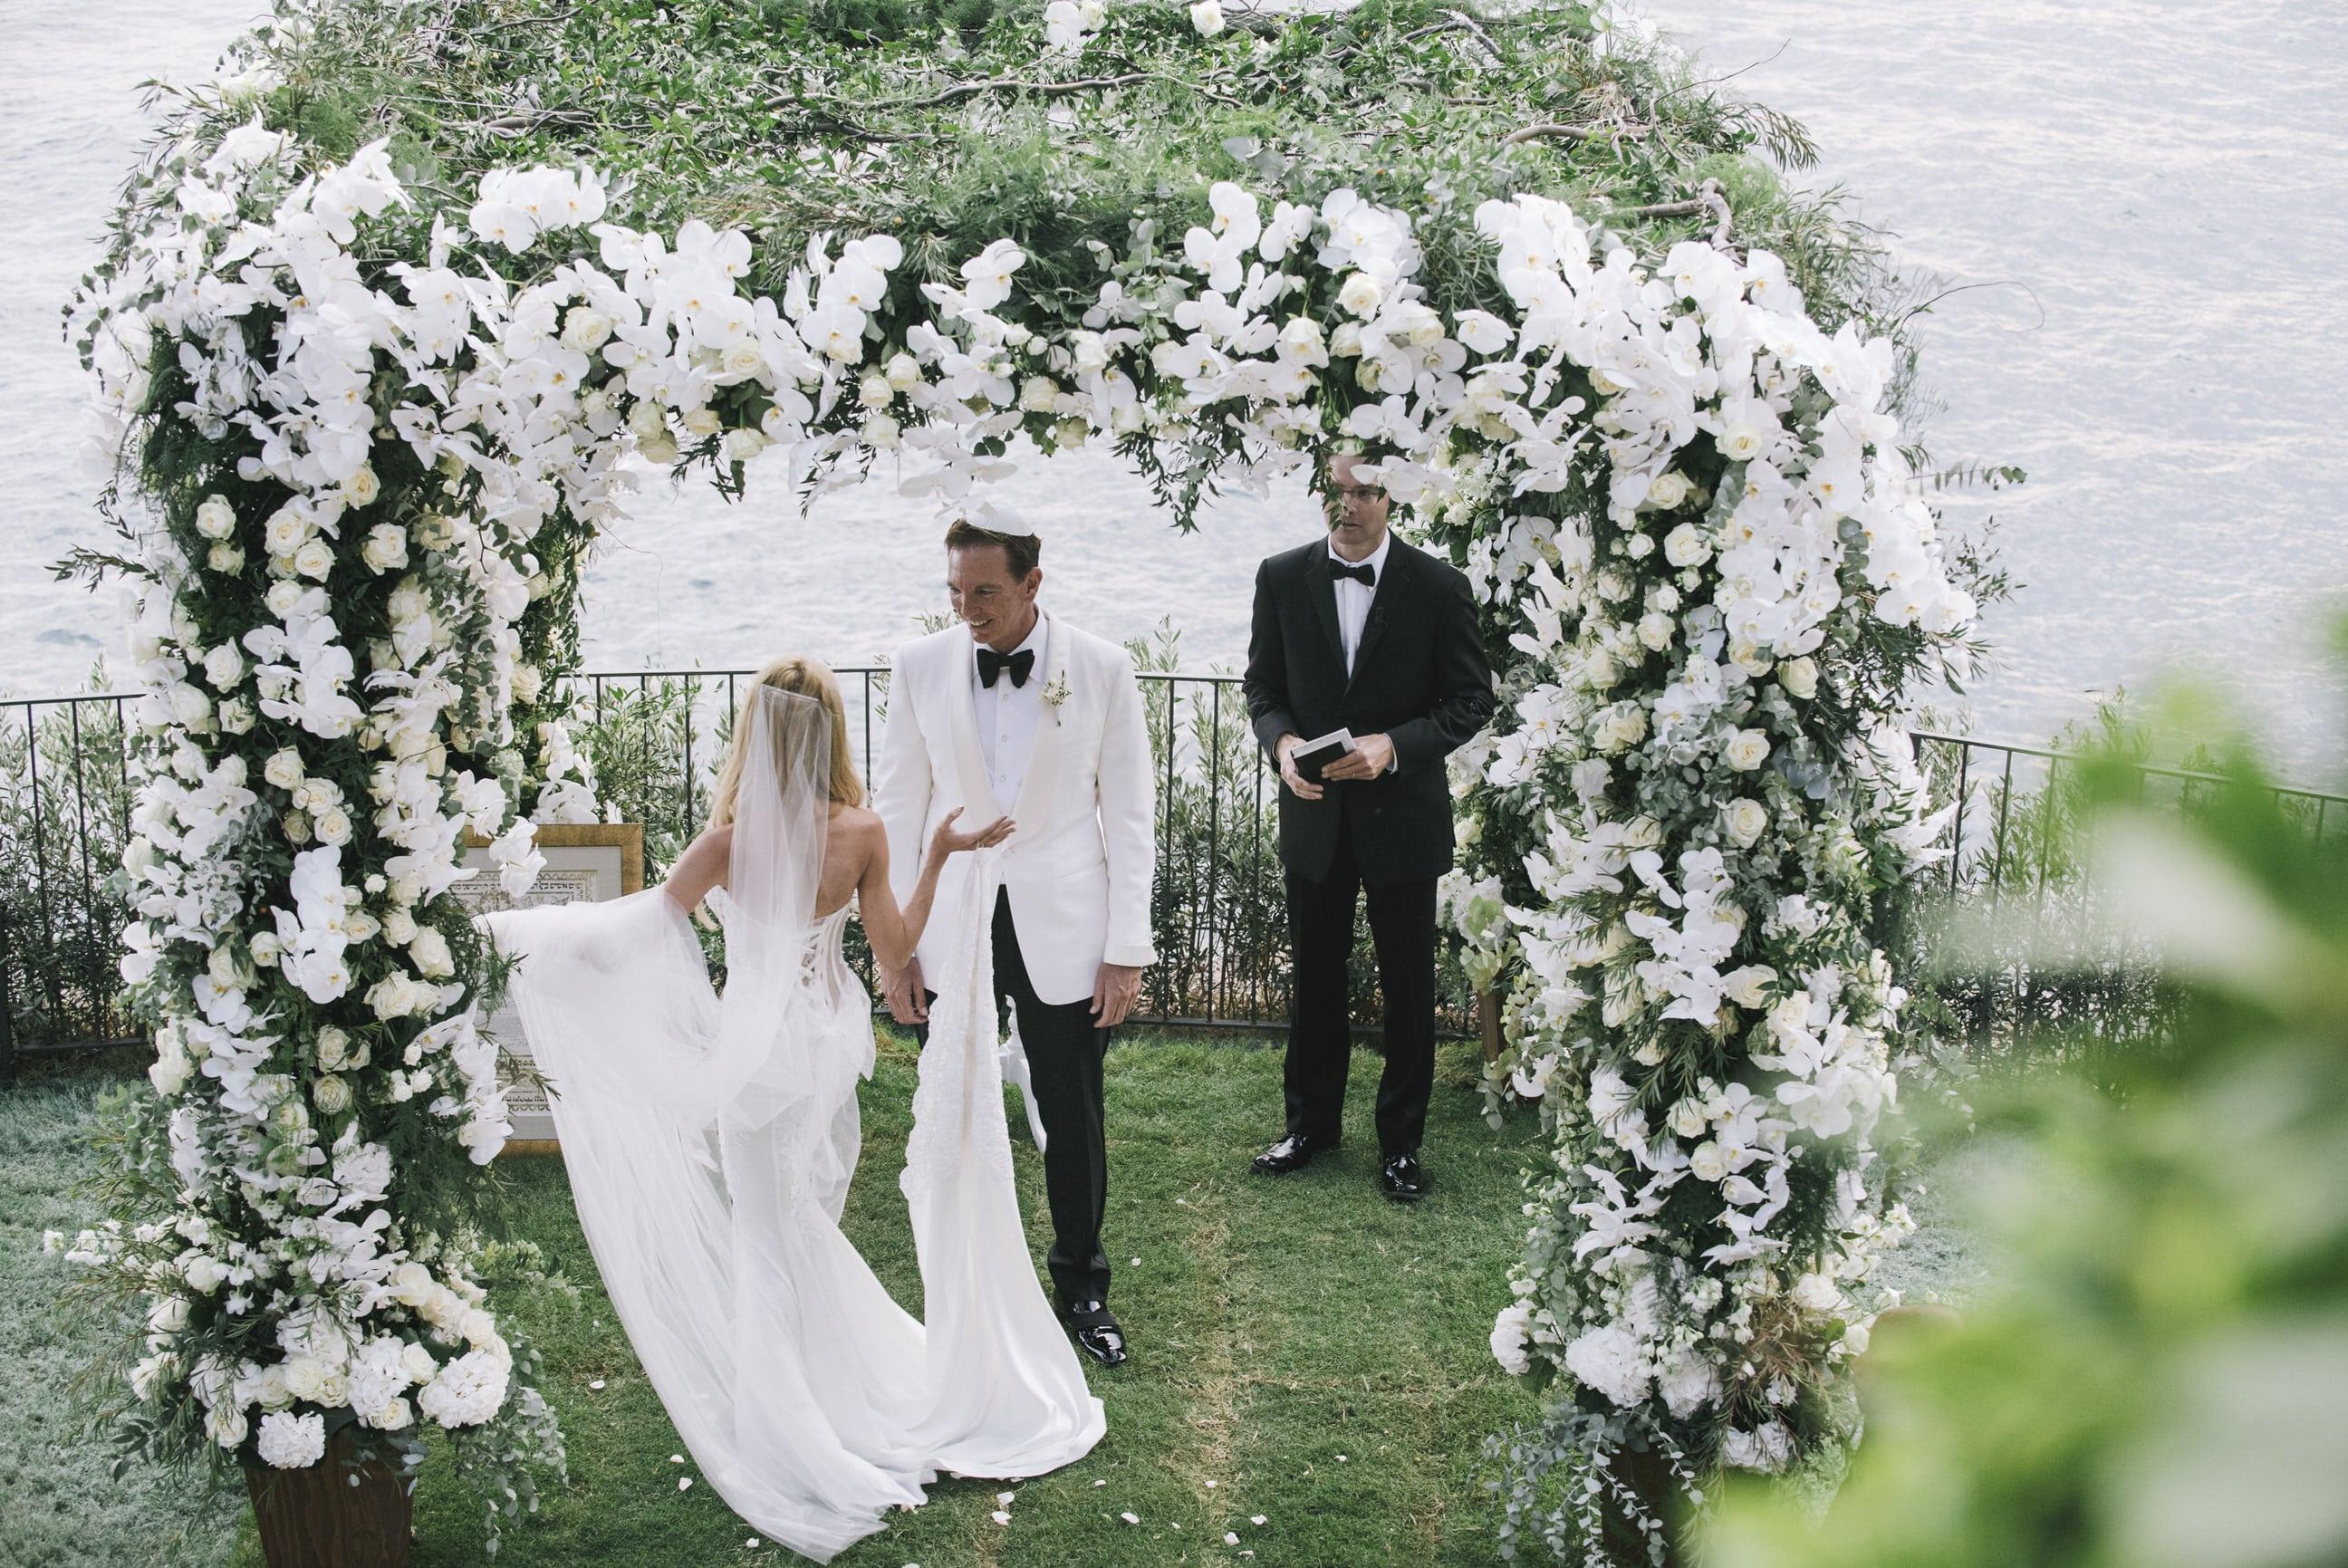 wedding-day-villa-tre-ville-outdoor-ceremony